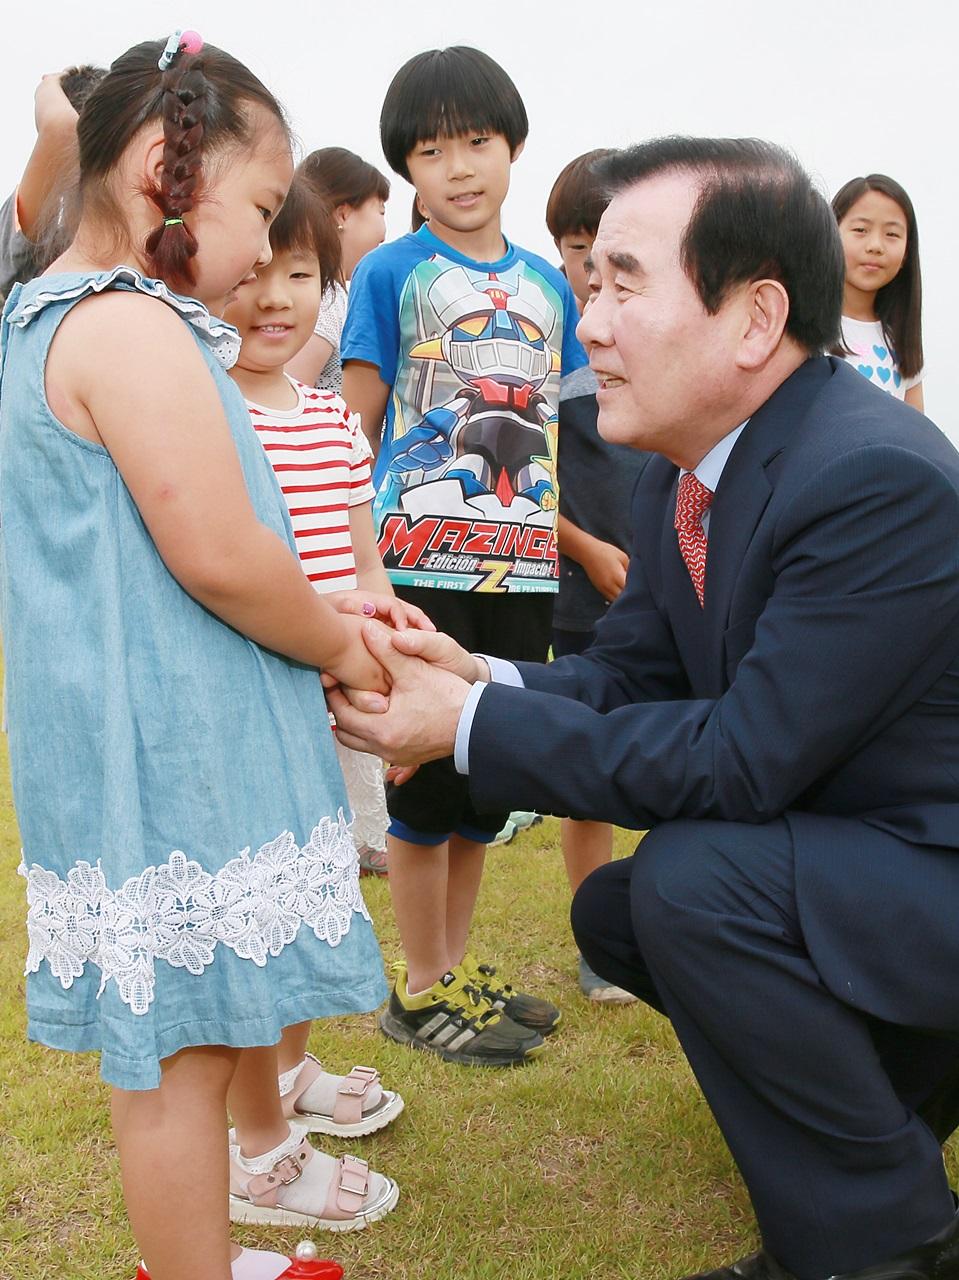 김지철 교육감이 초등학생 눈높이에 맞춰 이야기하고 있다. 김 교육감은 교육감 자리는 누리는 자리가 아니라 봉사하는 자리라고 강조했다.